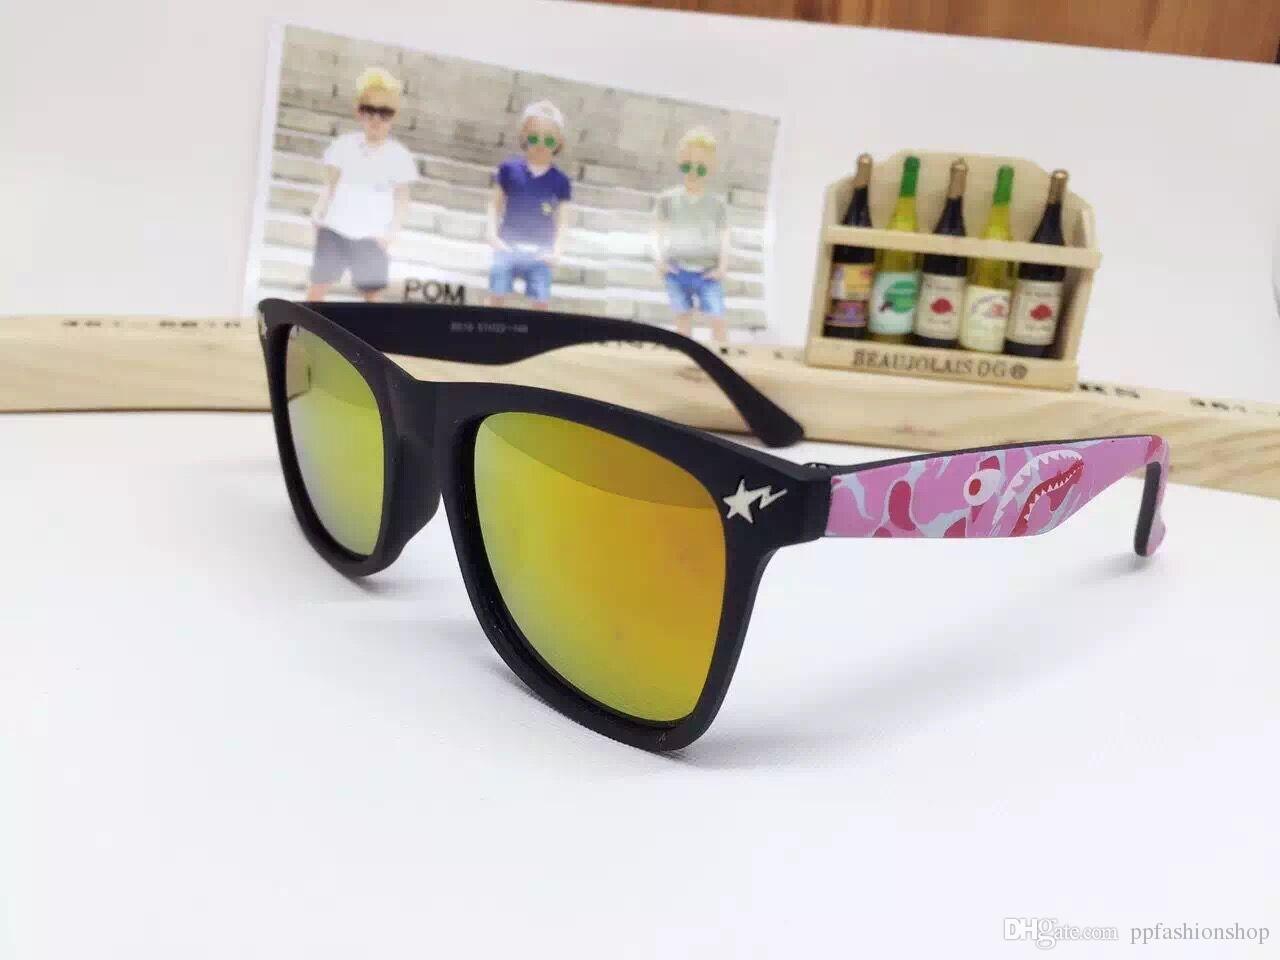 Lunettes de soleil de 2017 nouveaux enfants, lunettes de soleil de mode parent-enfant de couleur sauvage, lunettes de soleil de personnalité unique, lunettes de bébé en gros